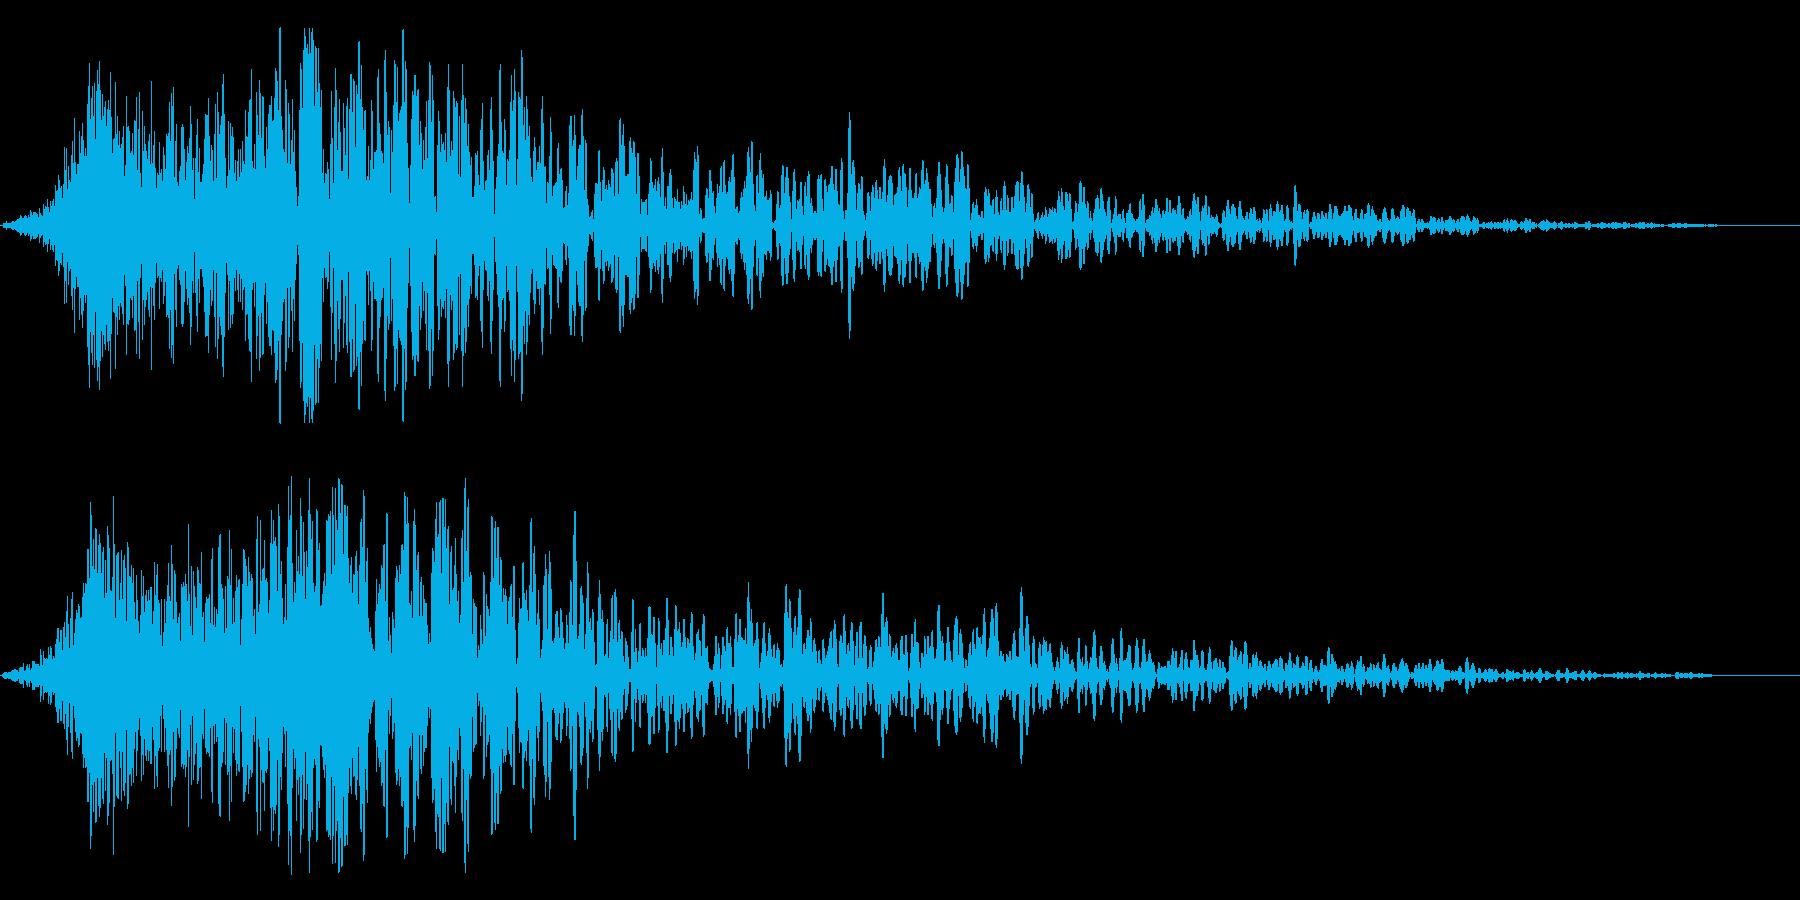 インパクト音(衝撃、突風のイメージ)の再生済みの波形